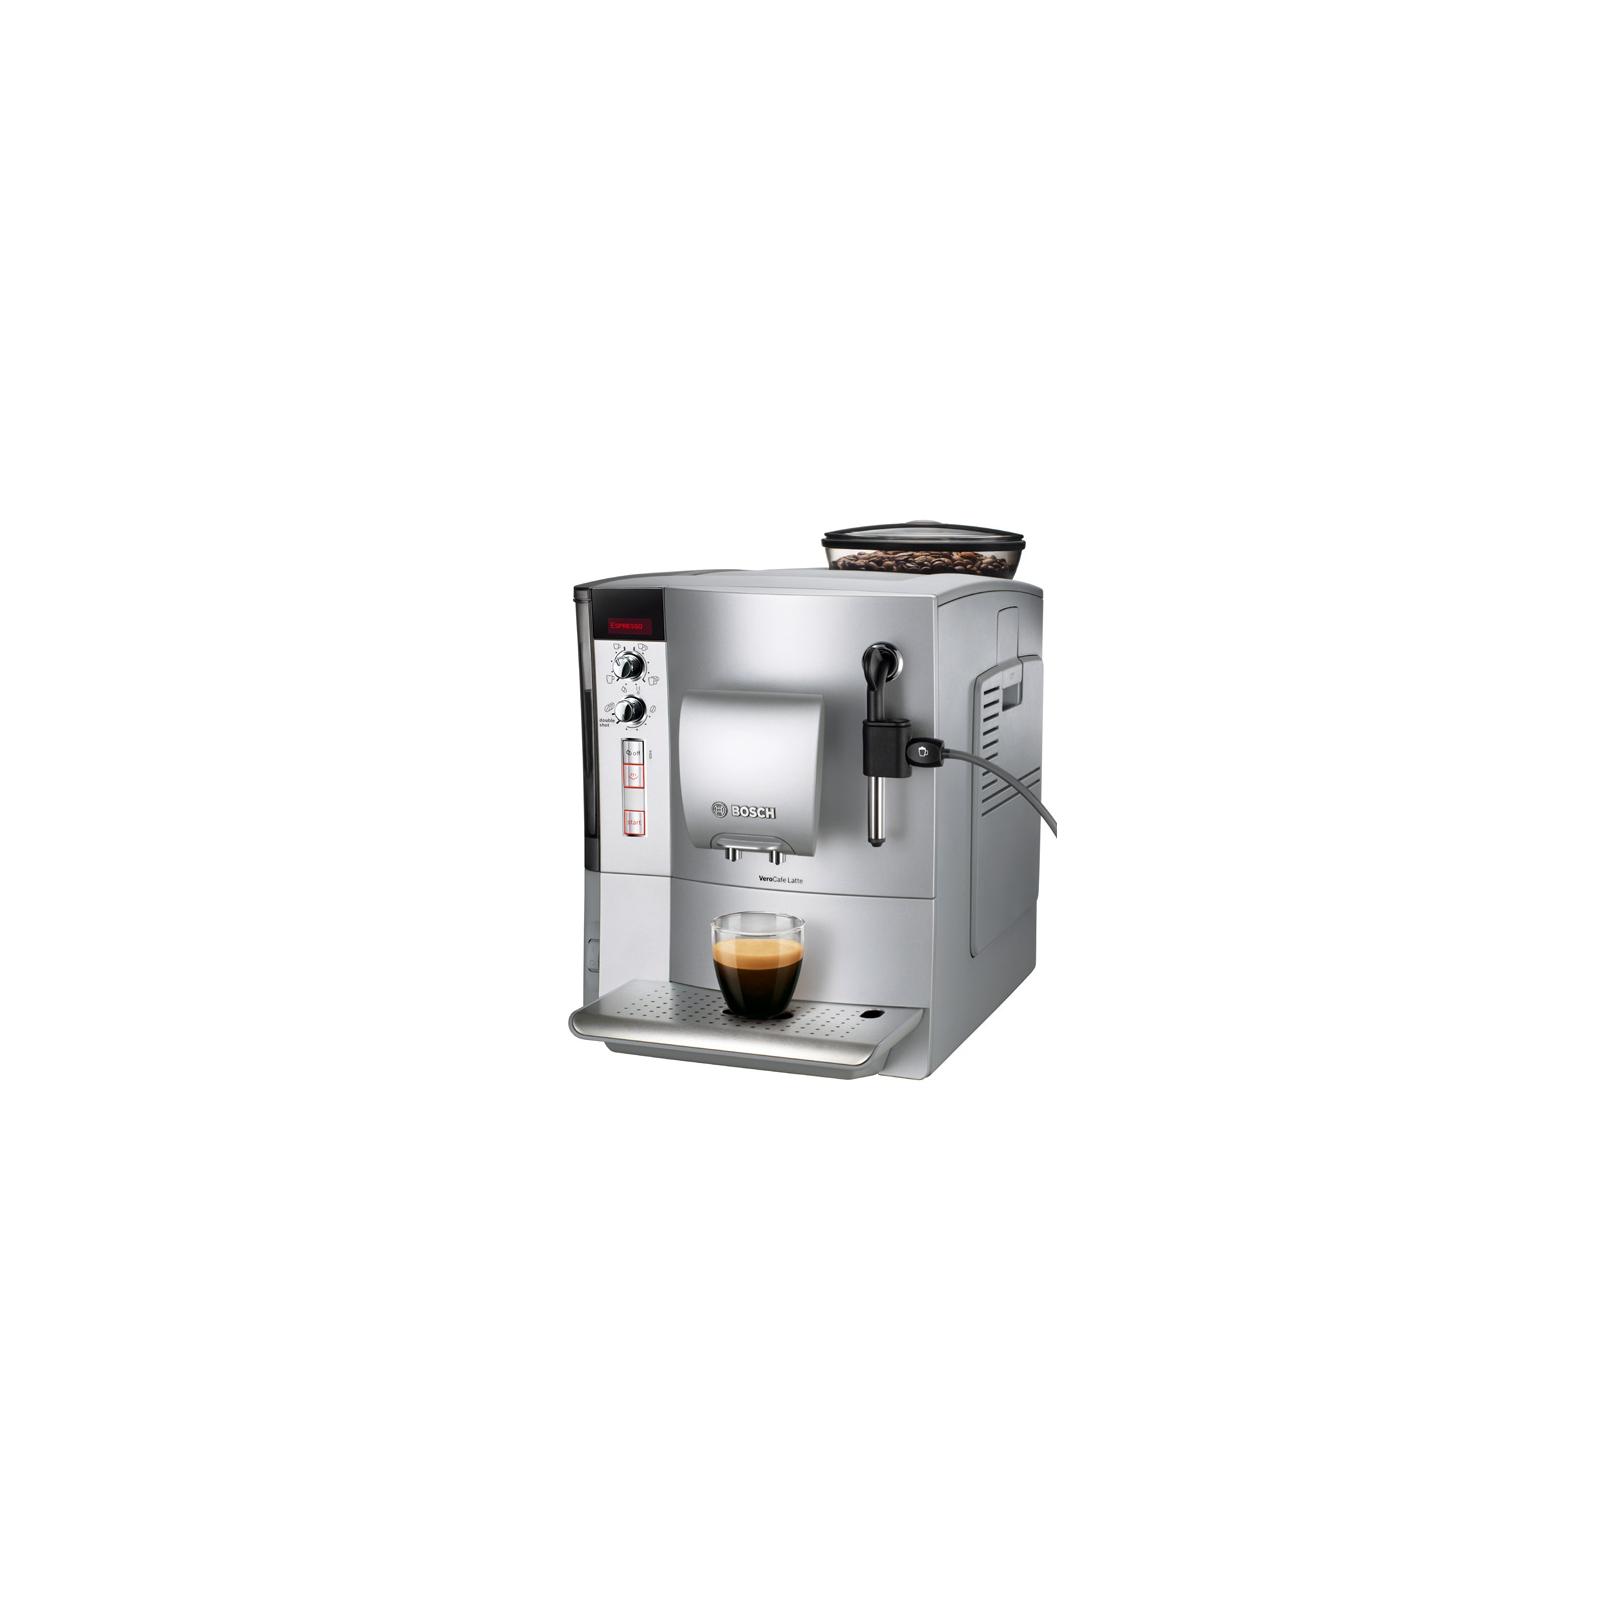 Кофеварка BOSCH TES50321RW изображение 4